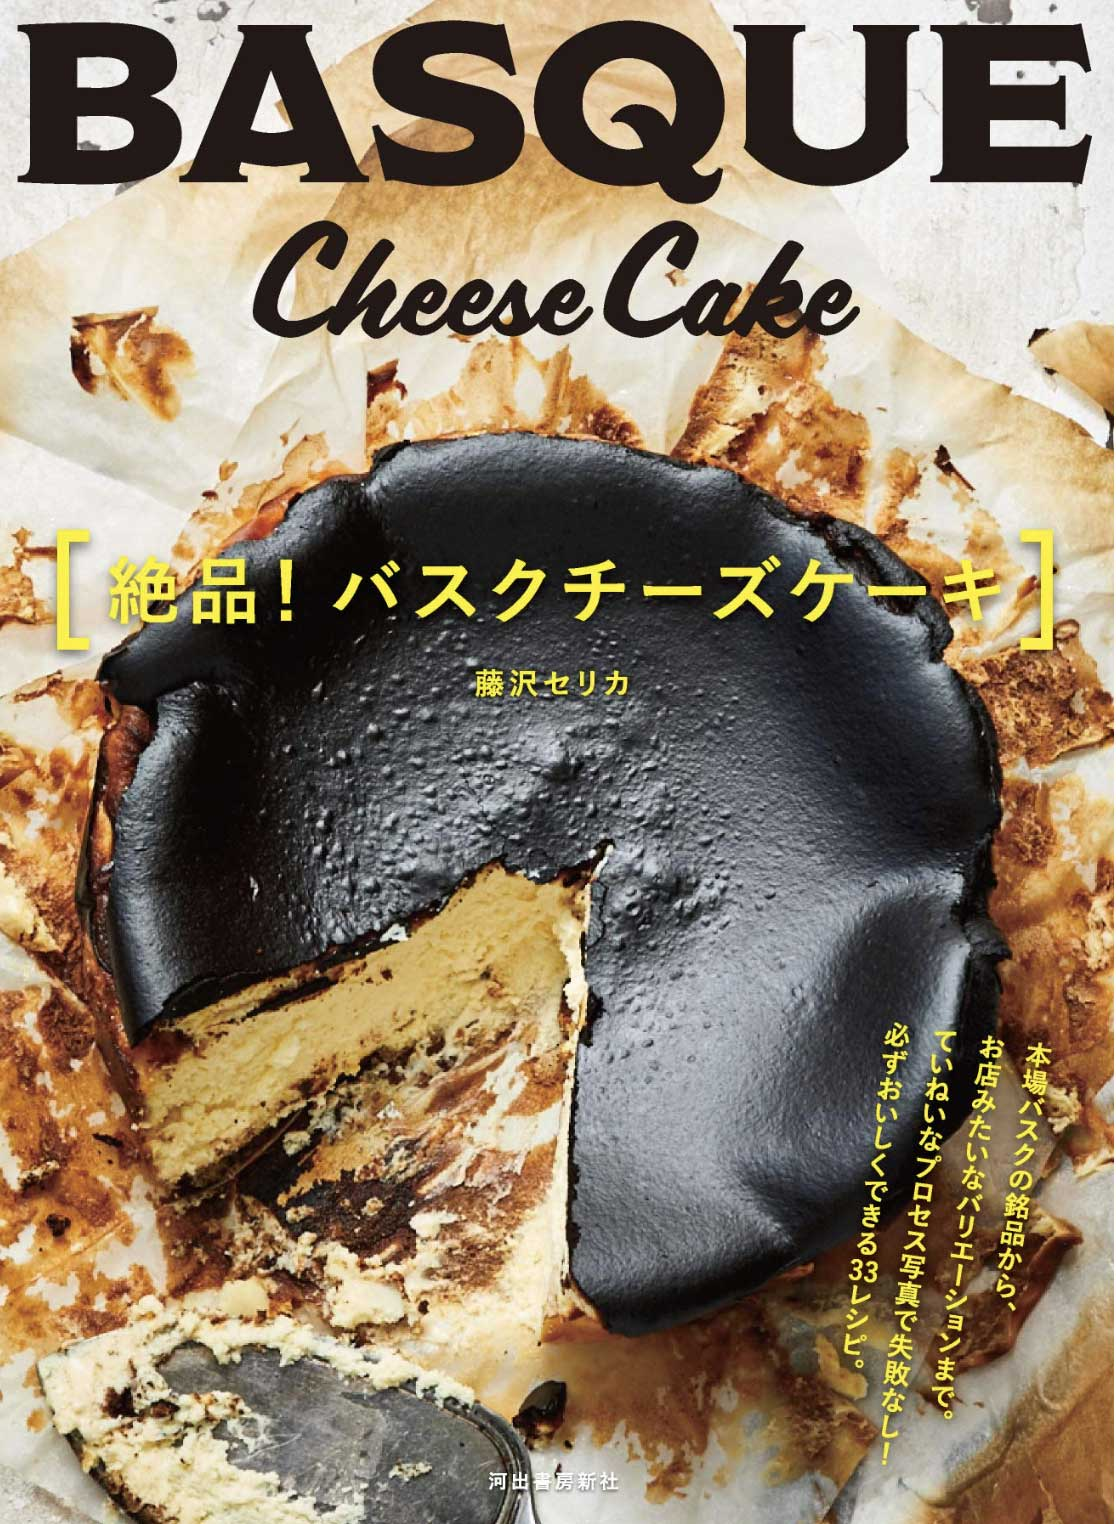 大木慎太郎がBASQUE Cheese Cakeの写真を撮りおろしました